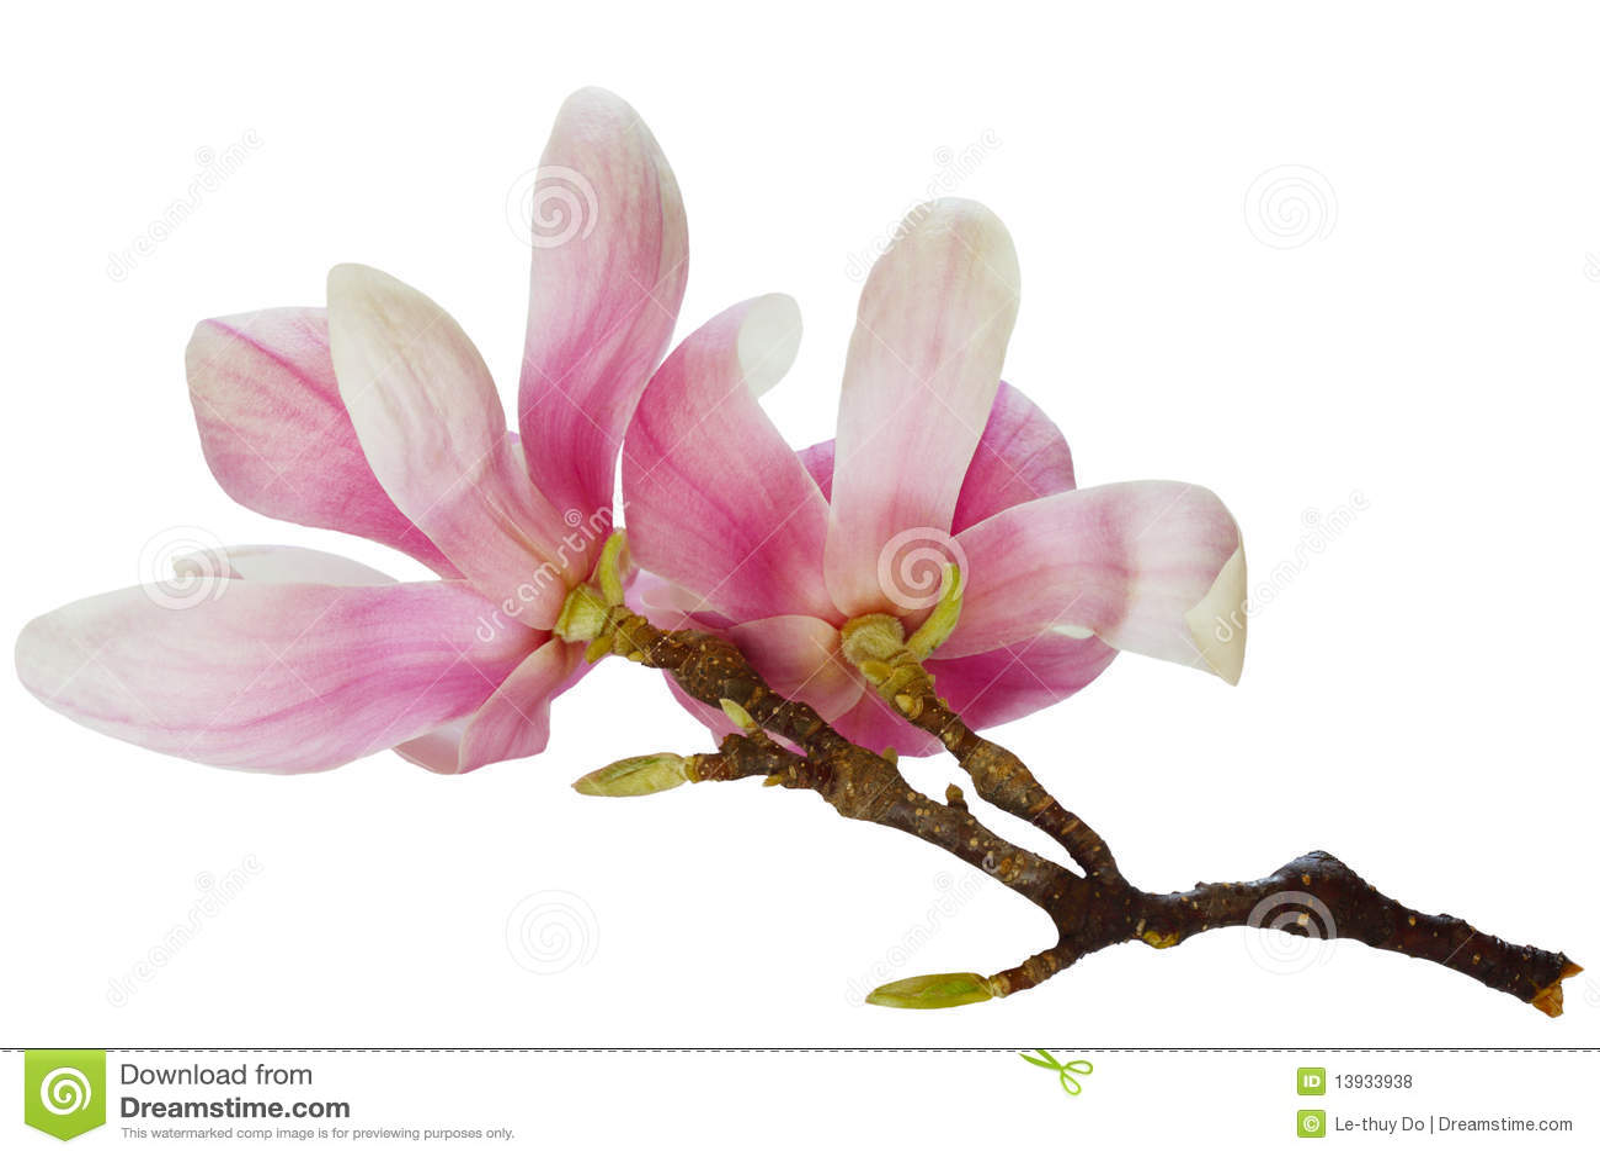 magnolia branch clip art - photo #21